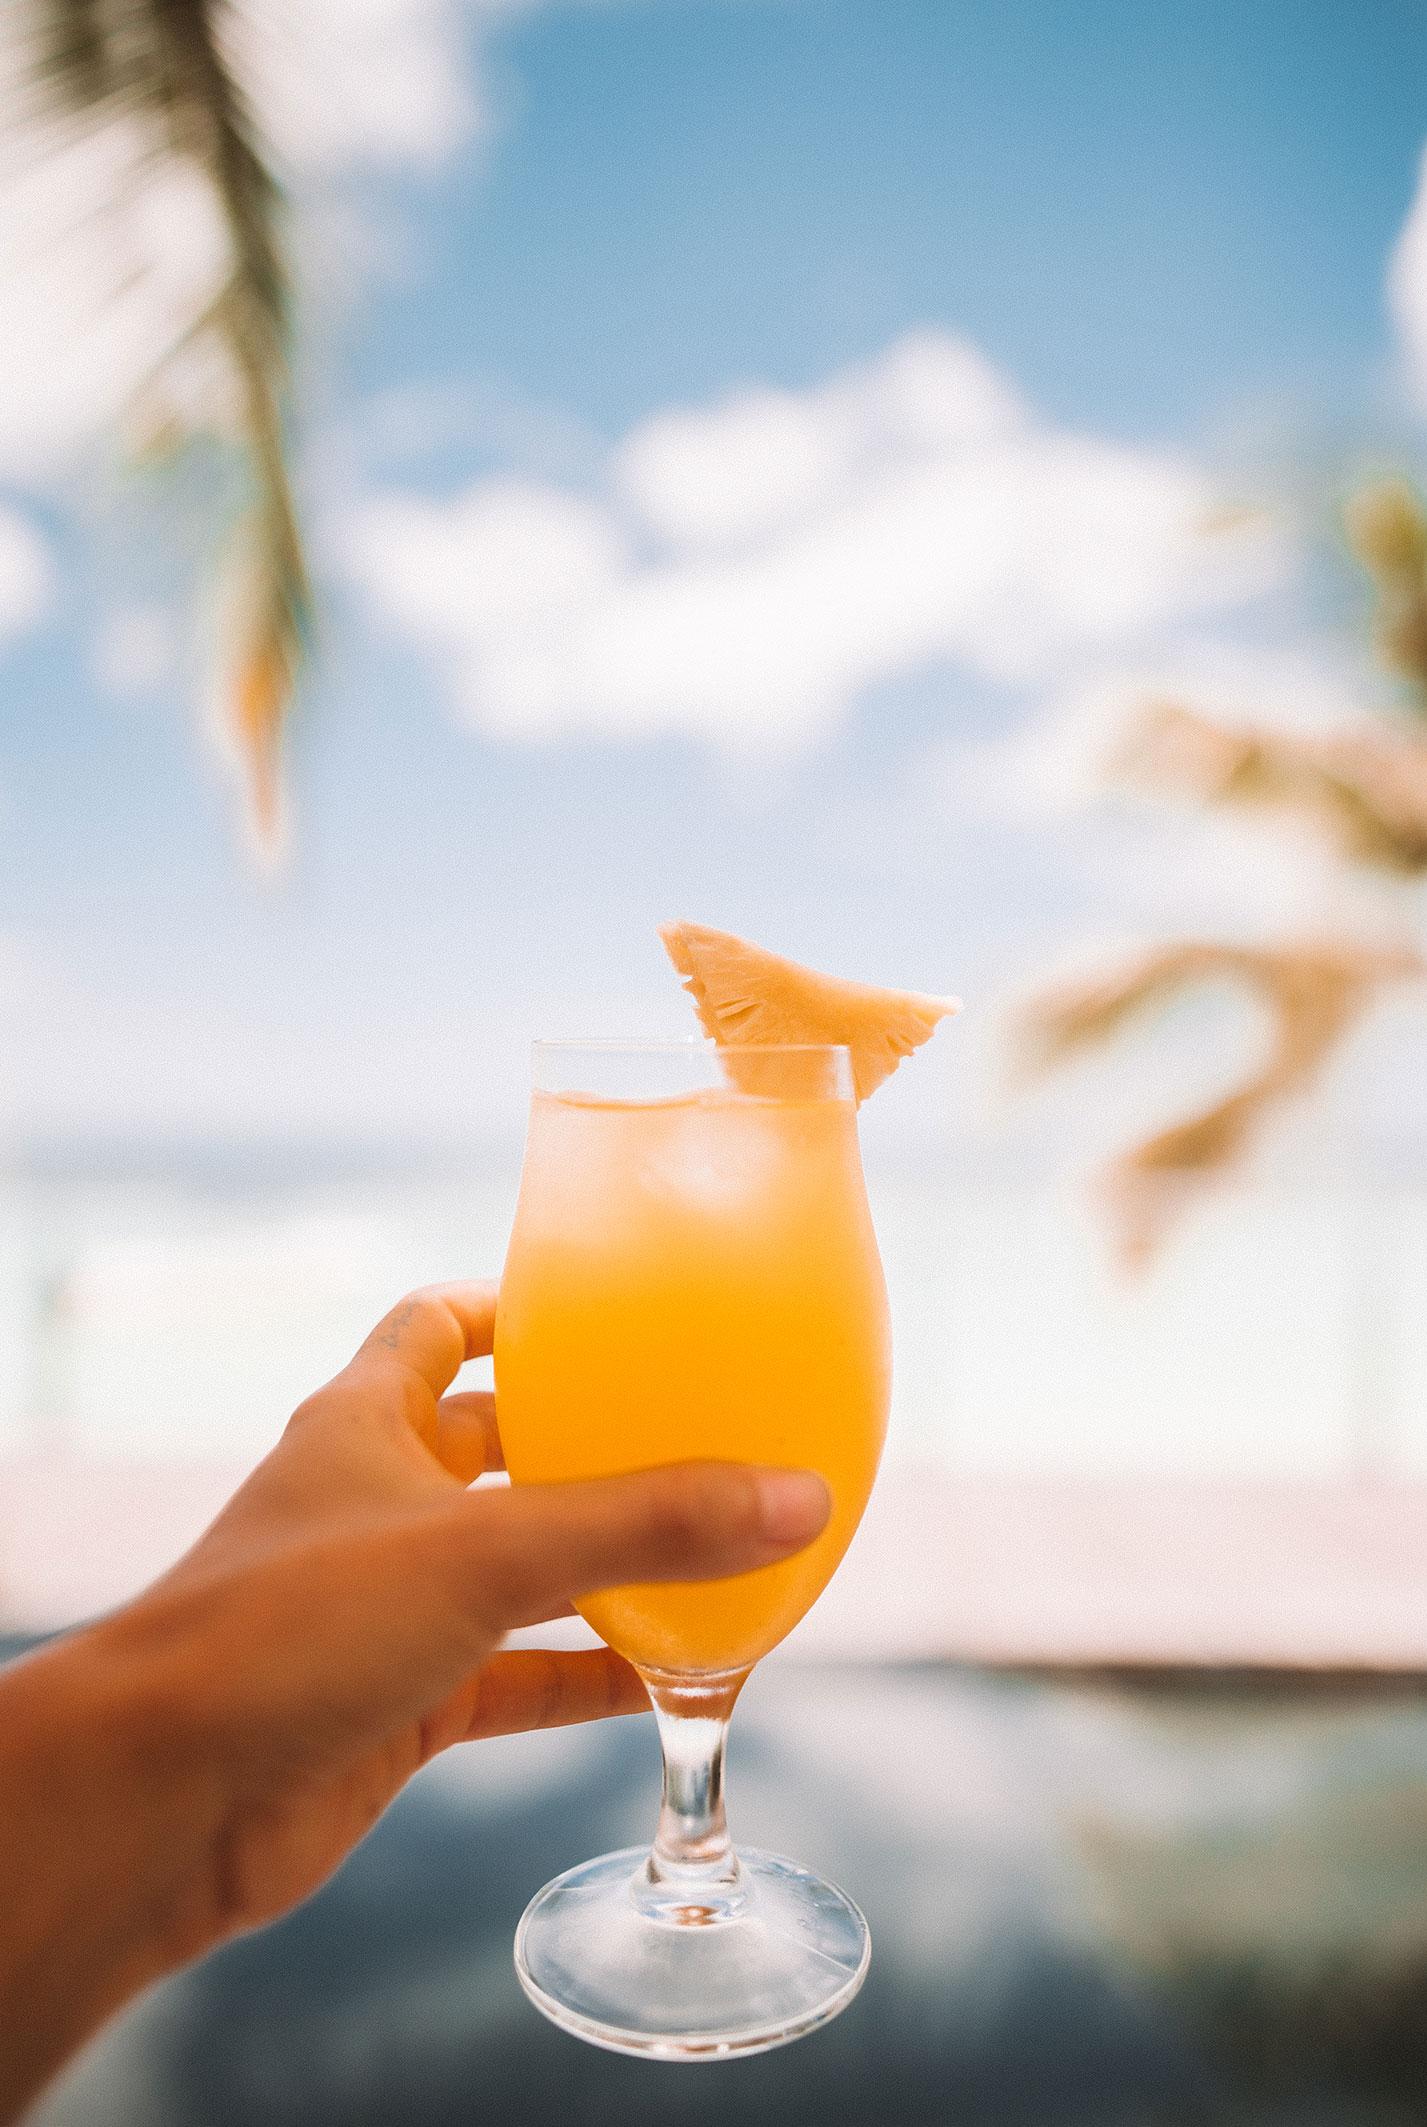 пляжный отель Beachcomber на острове Маврикий / Beachcomber Hotel Group in Mauritius by Anna Heupel